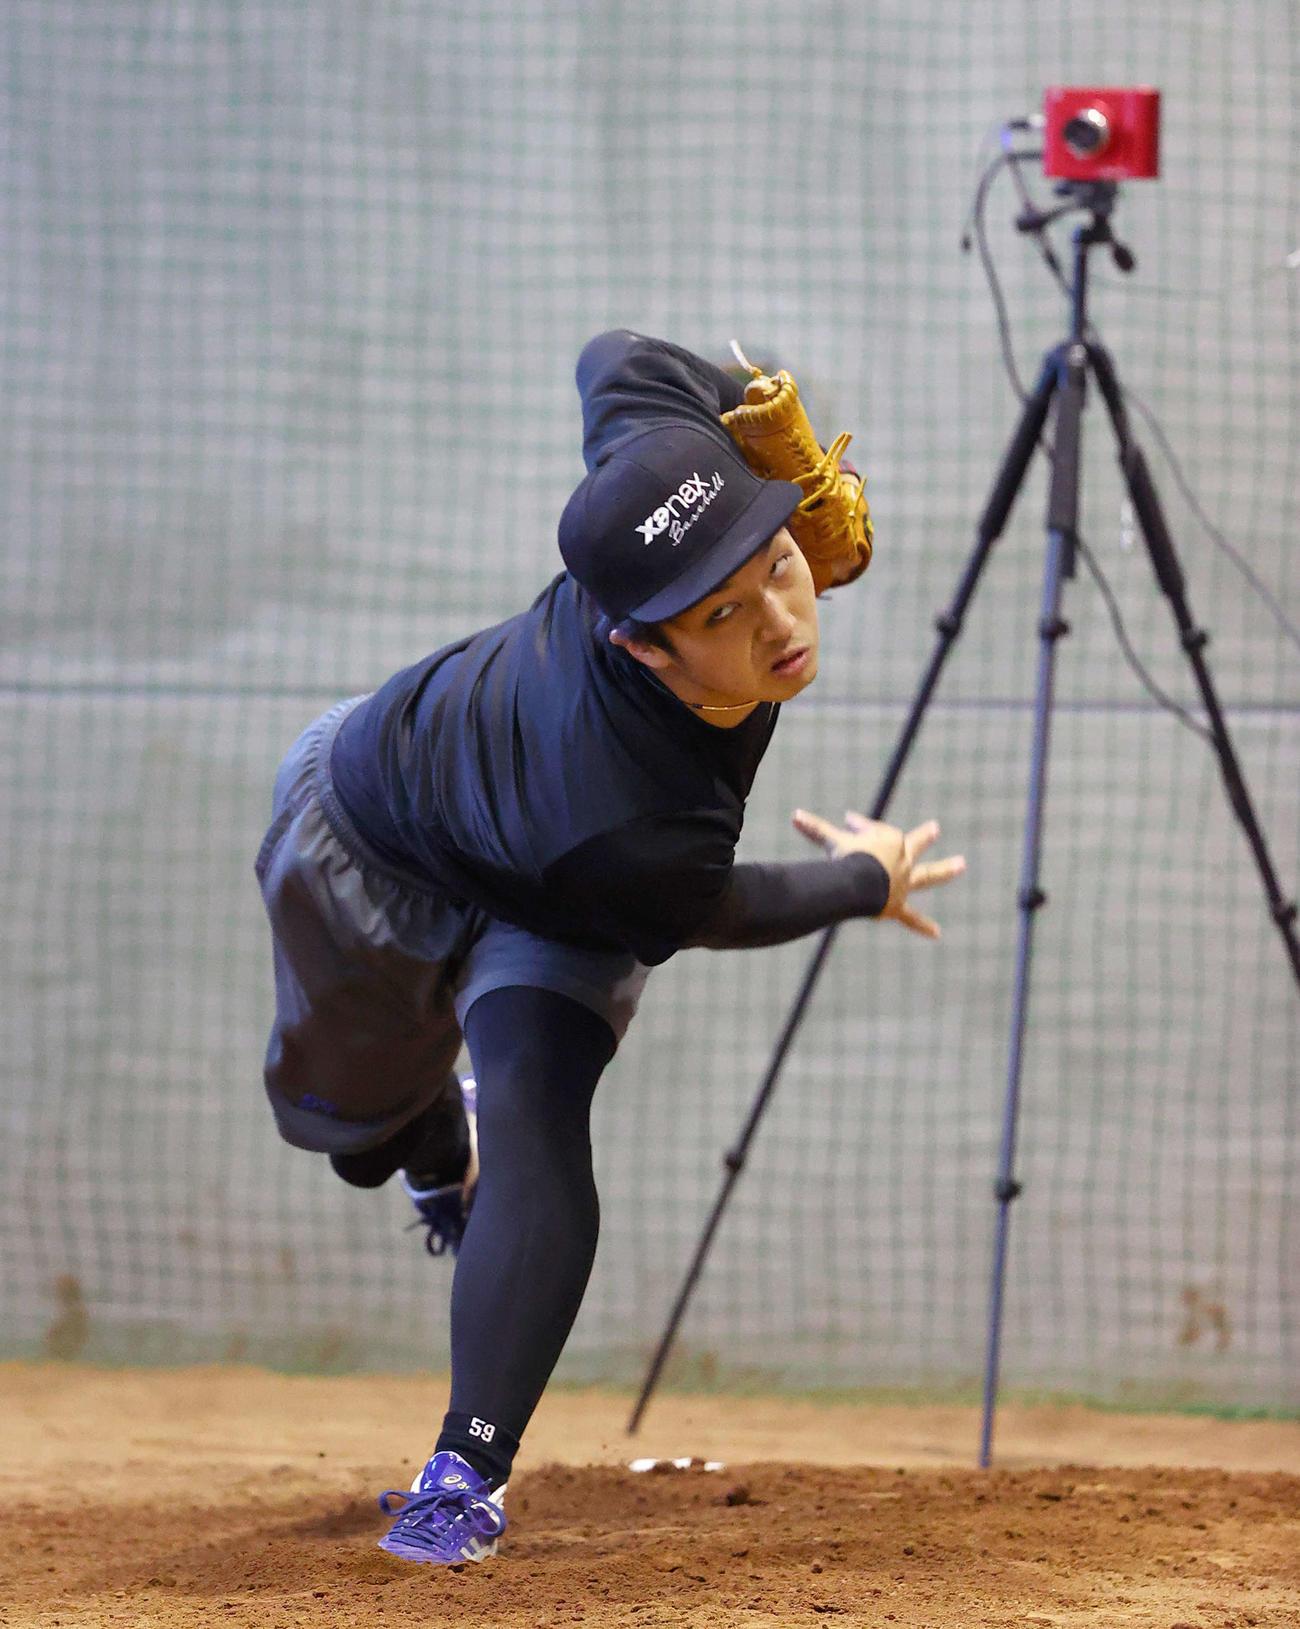 計測機器を用いて投球練習を行う中日山本(代表撮影)